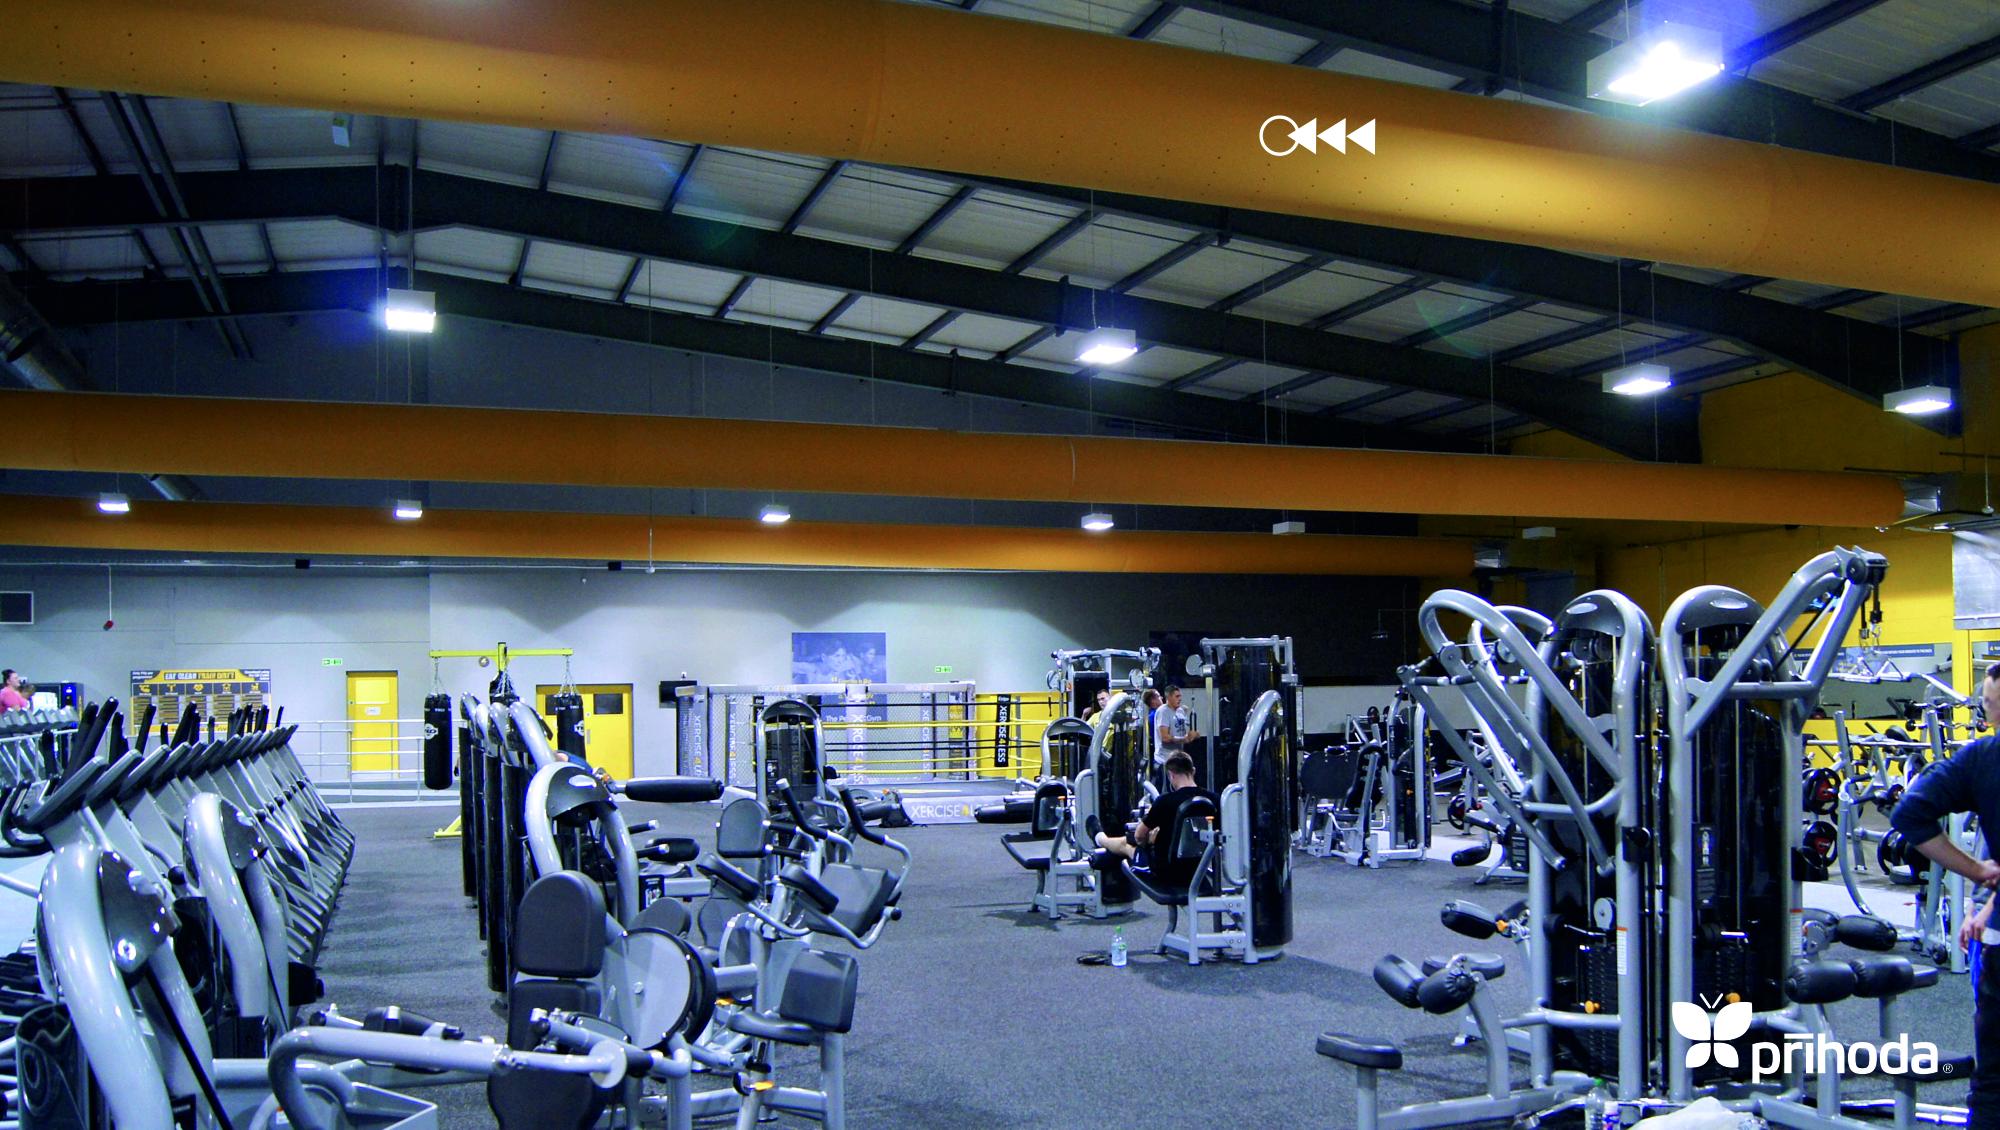 kumaş kanal spor salonu havalandırma sistemi